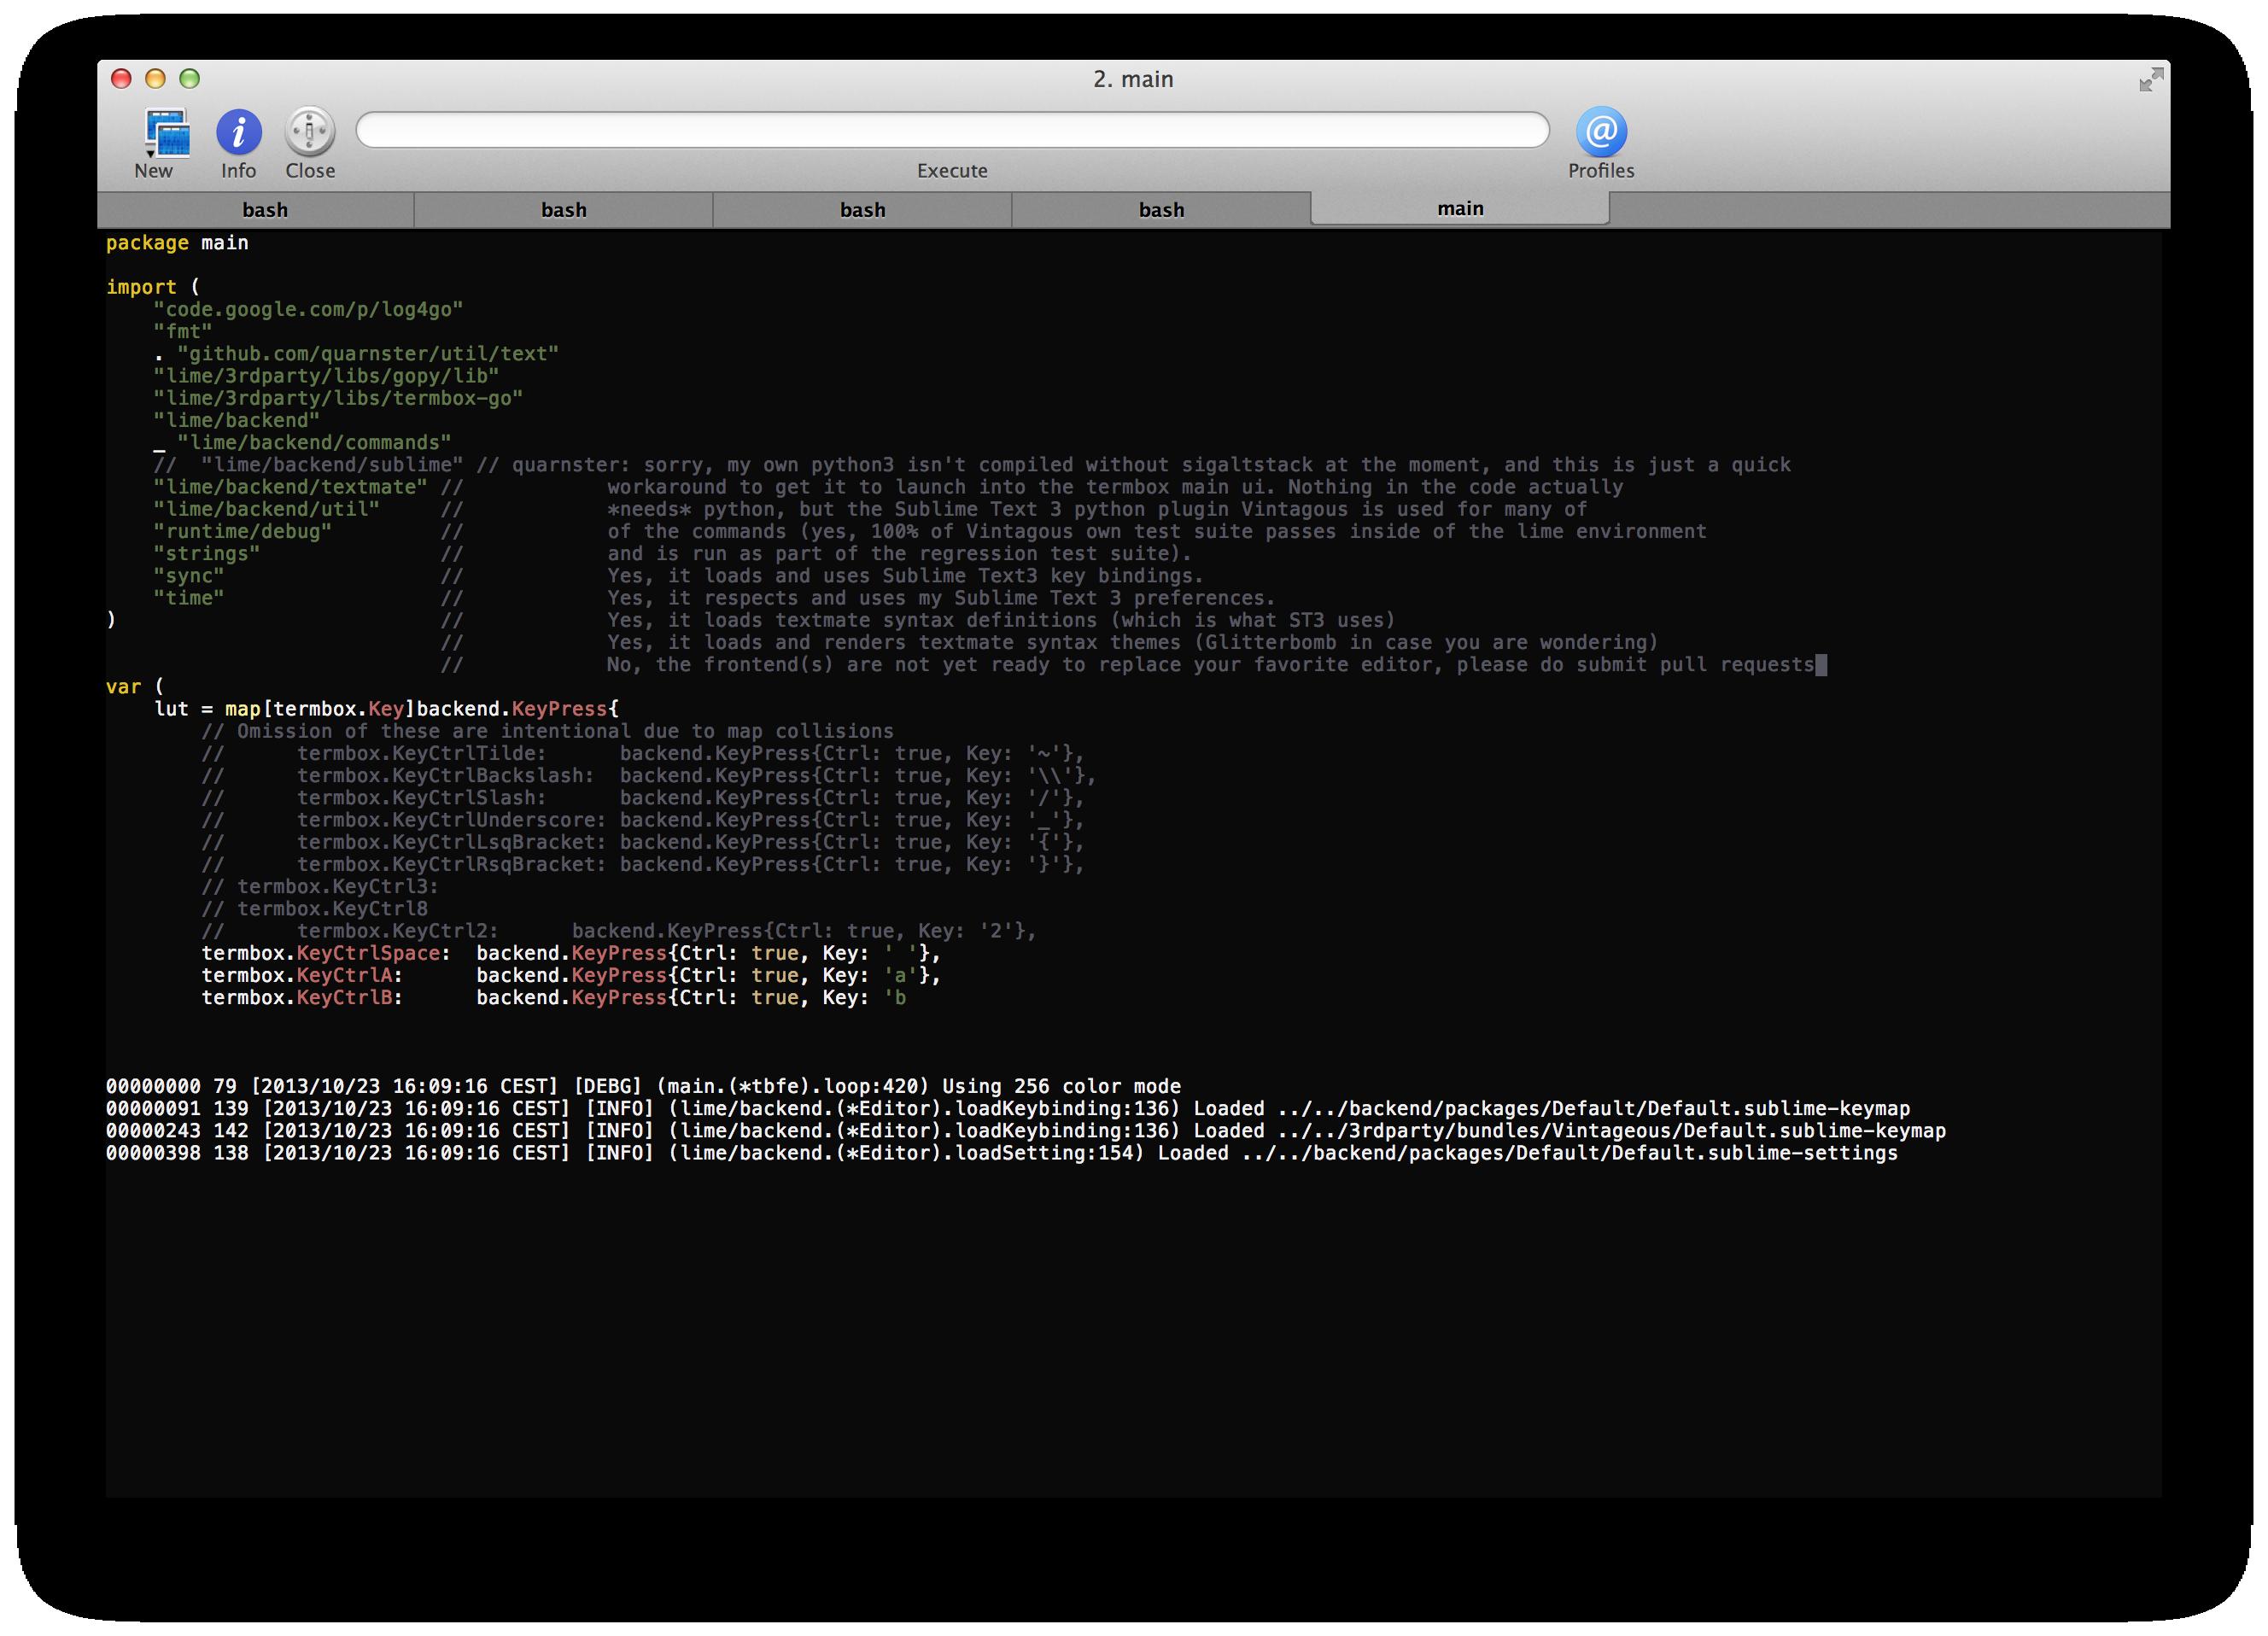 Screenshot taken Oct 23 2013